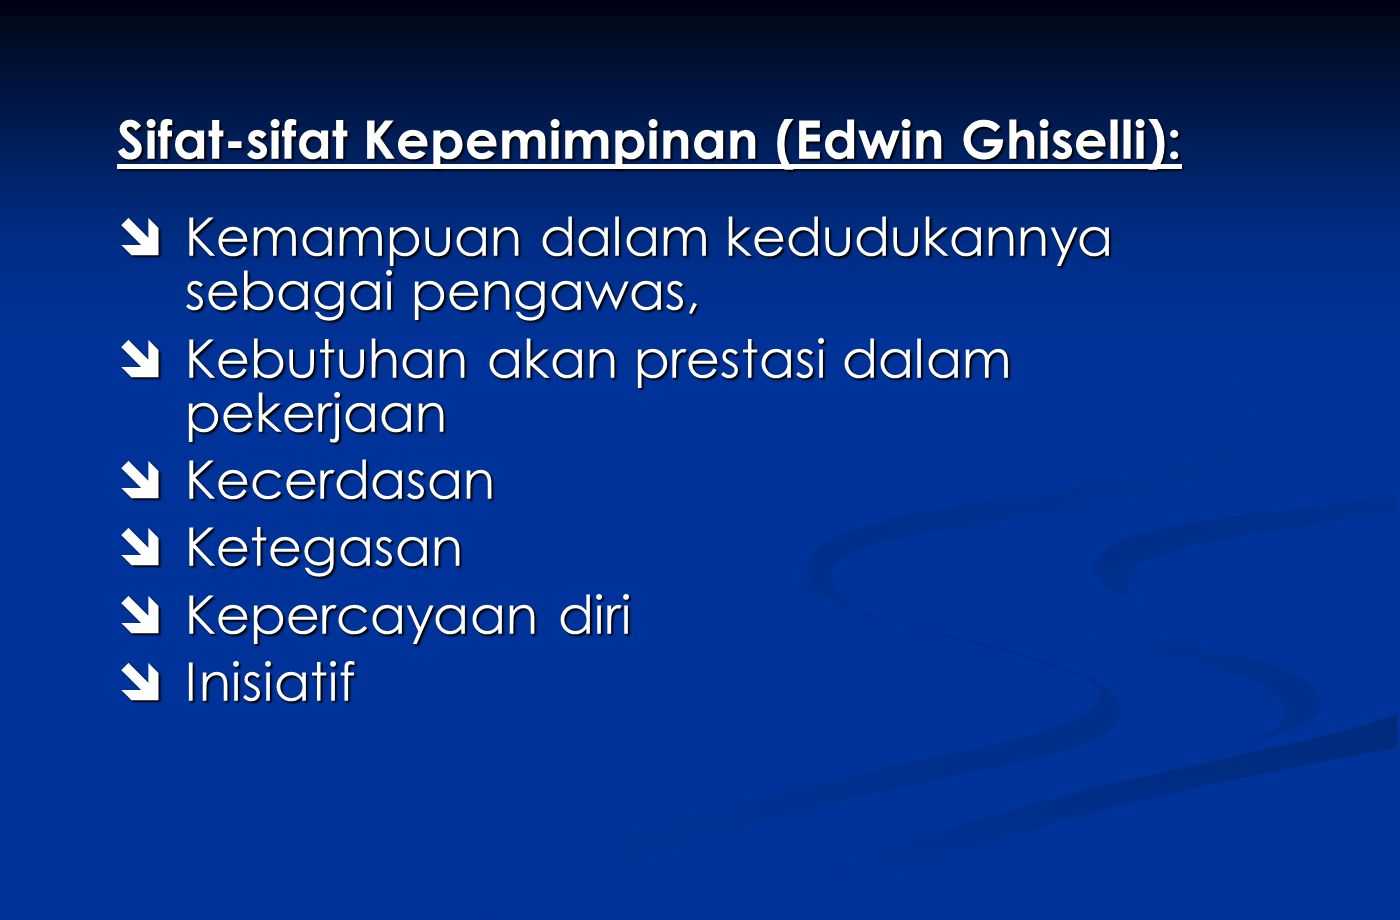 Sifat-sifat Kepemimpinan (Edwin Ghiselli):  Kemampuan dalam kedudukannya sebagai pengawas,  Kebutuhan akan prestasi dalam pekerjaan  Kecerdasan  Ketegasan  Kepercayaan diri  Inisiatif